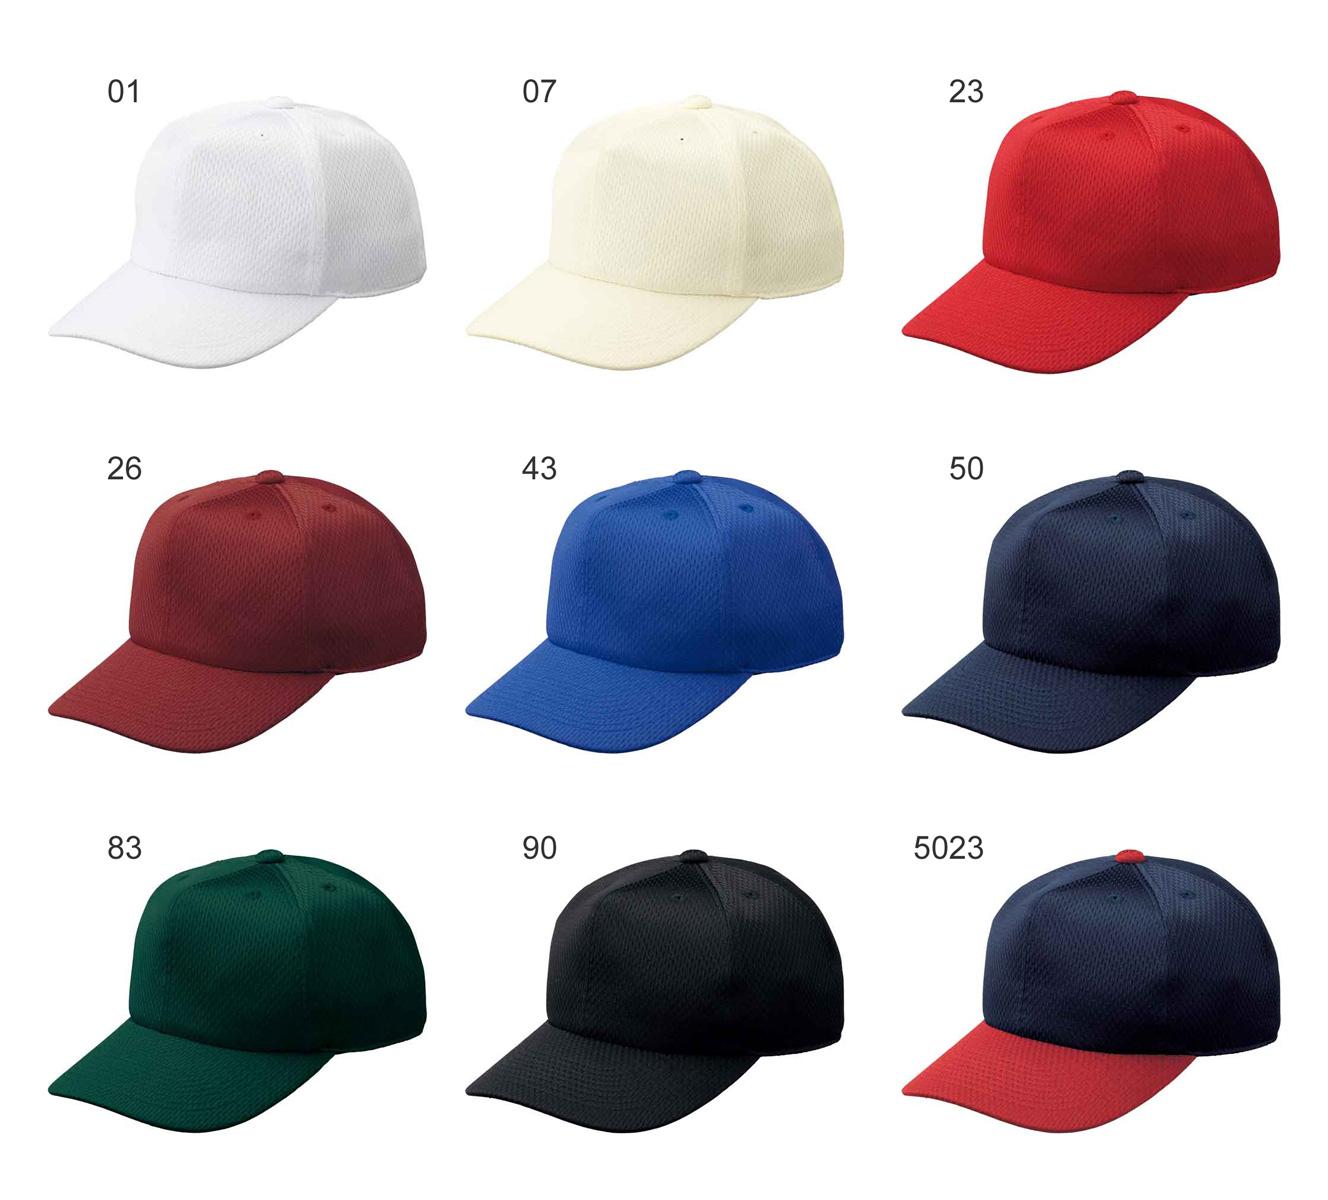 3 980円 税込 以上で 送料無料 ☆asics アシックス 新登場 プラクティスキャップ 野球 BAC007 オリジナル アメリカン六方タイプ エンジ 帽子